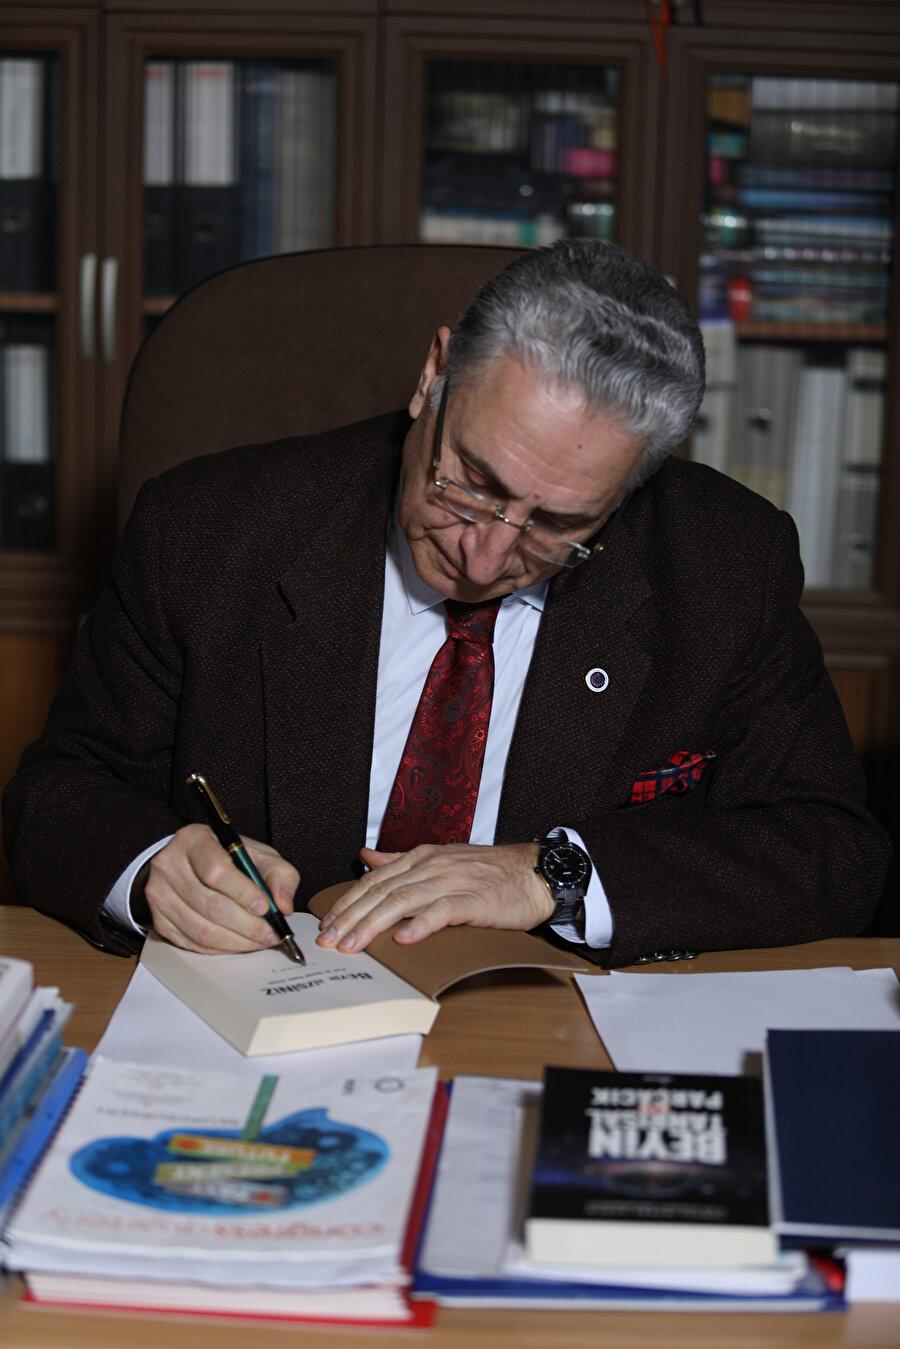 Birçok bilimsel makaleye ve kitaba imzasını atan İsmail Hakkı Aydın çalışmalarına tüm hızıyla devam ediyor.